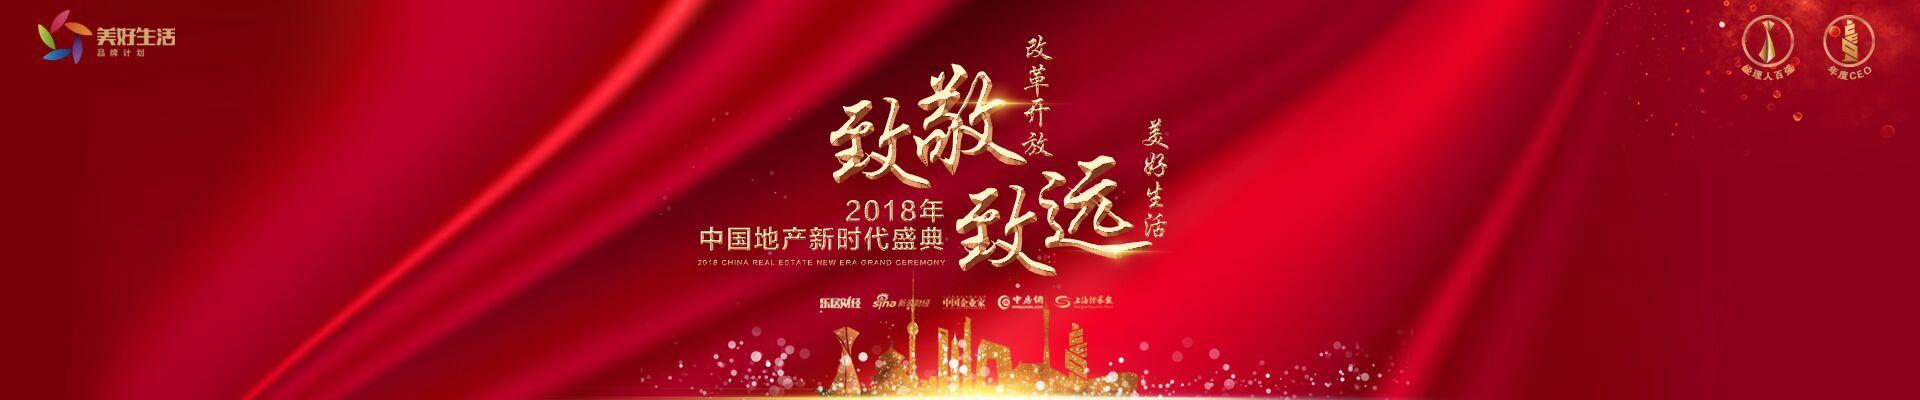 新浪家居:2018中国新地产时代盛典